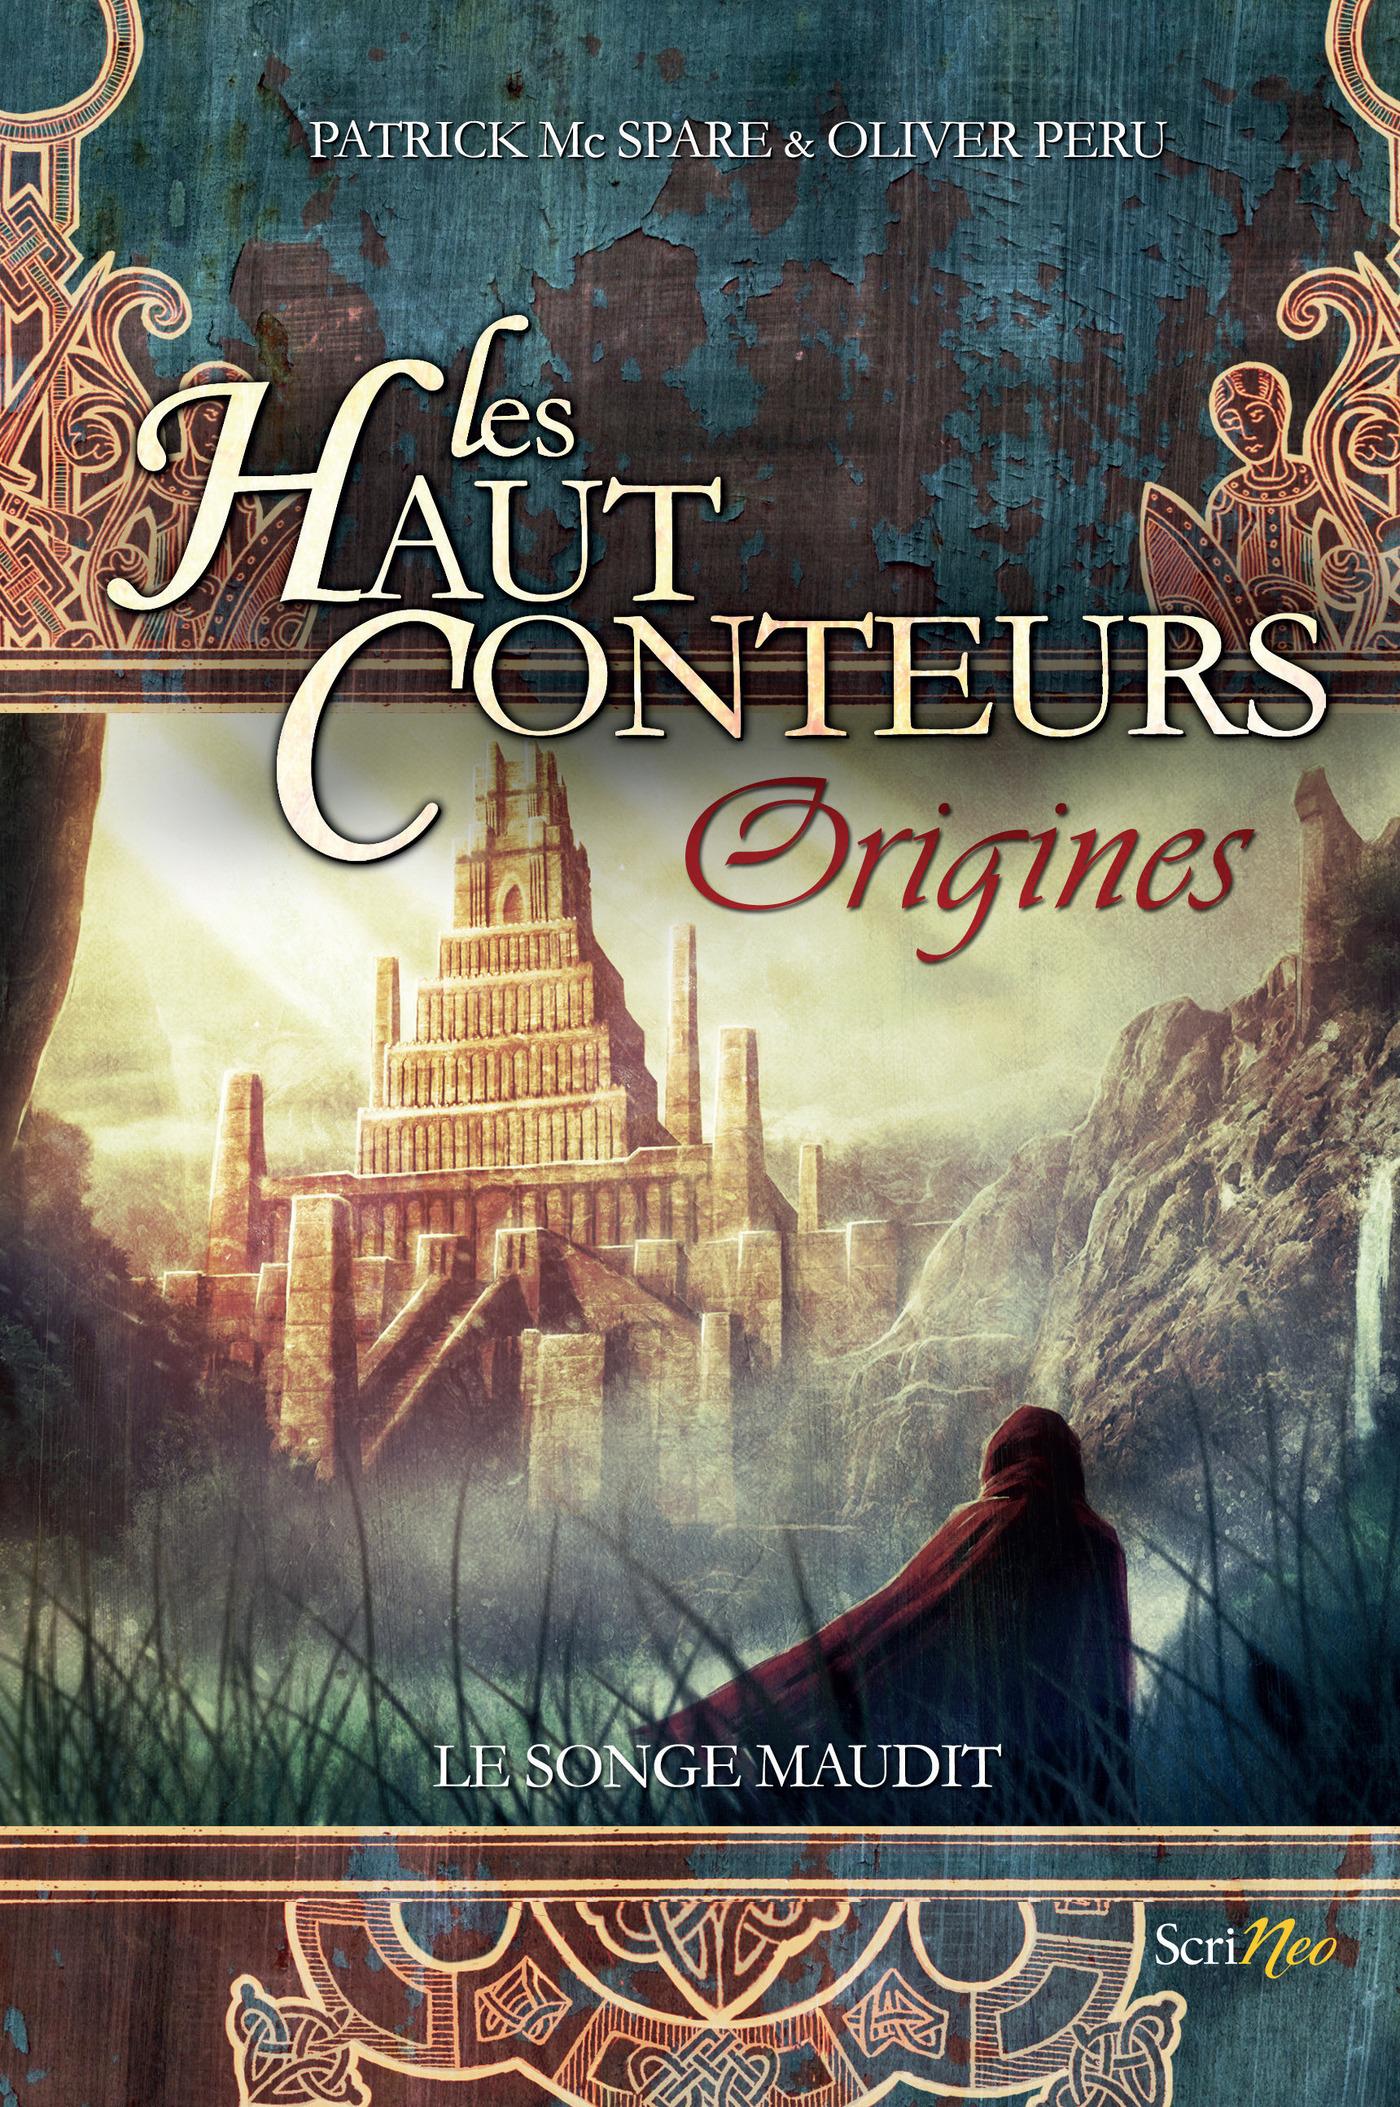 Les haut-conteurs Origines - Le songe maudit